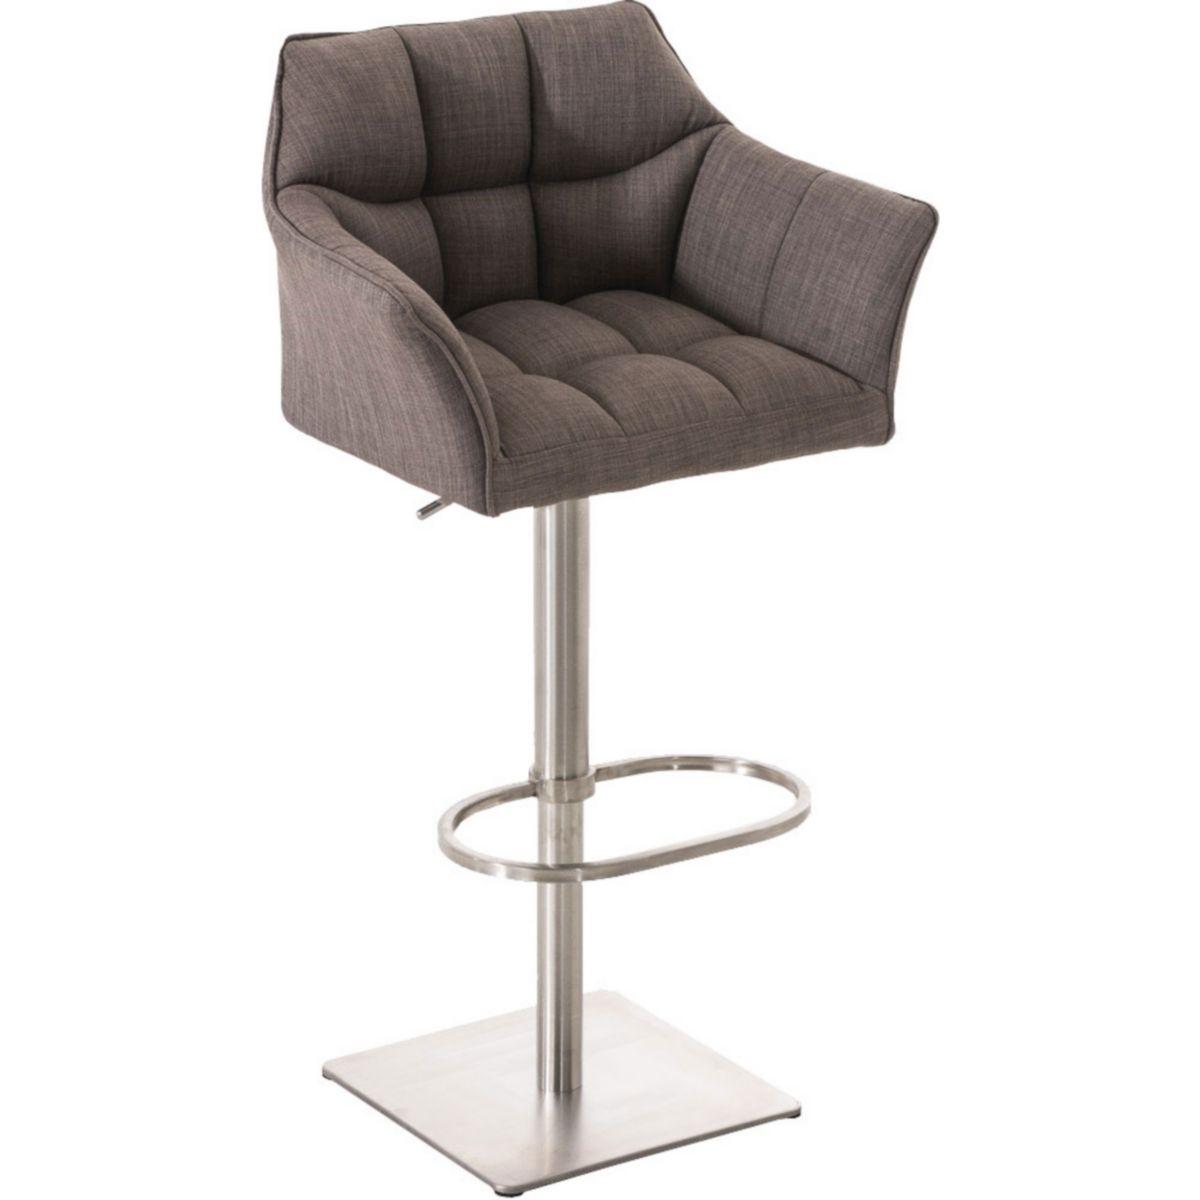 CLP Barhocker DAMASO E mit Stoffbezug und Lehne   Das Edelstahl-Gestell ist drehbar höhenverstellbar Der Barstuhl gepolstert in verschiedenen Farben erhältlich Stuhl verfügt über eine Fußablage jetztbilligerkaufen